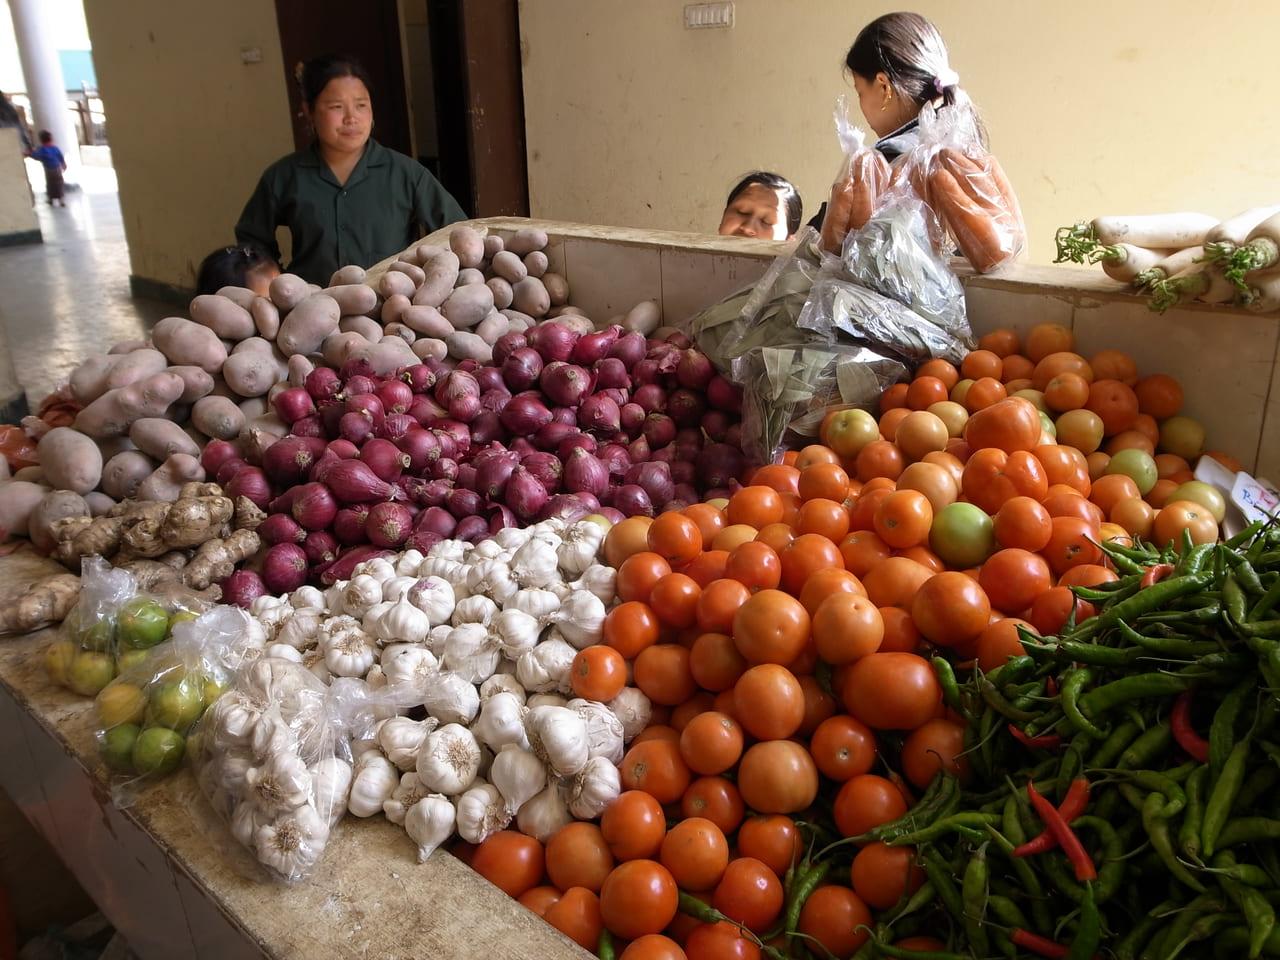 カラフルな野菜。春にトマトが採れるのだろうか